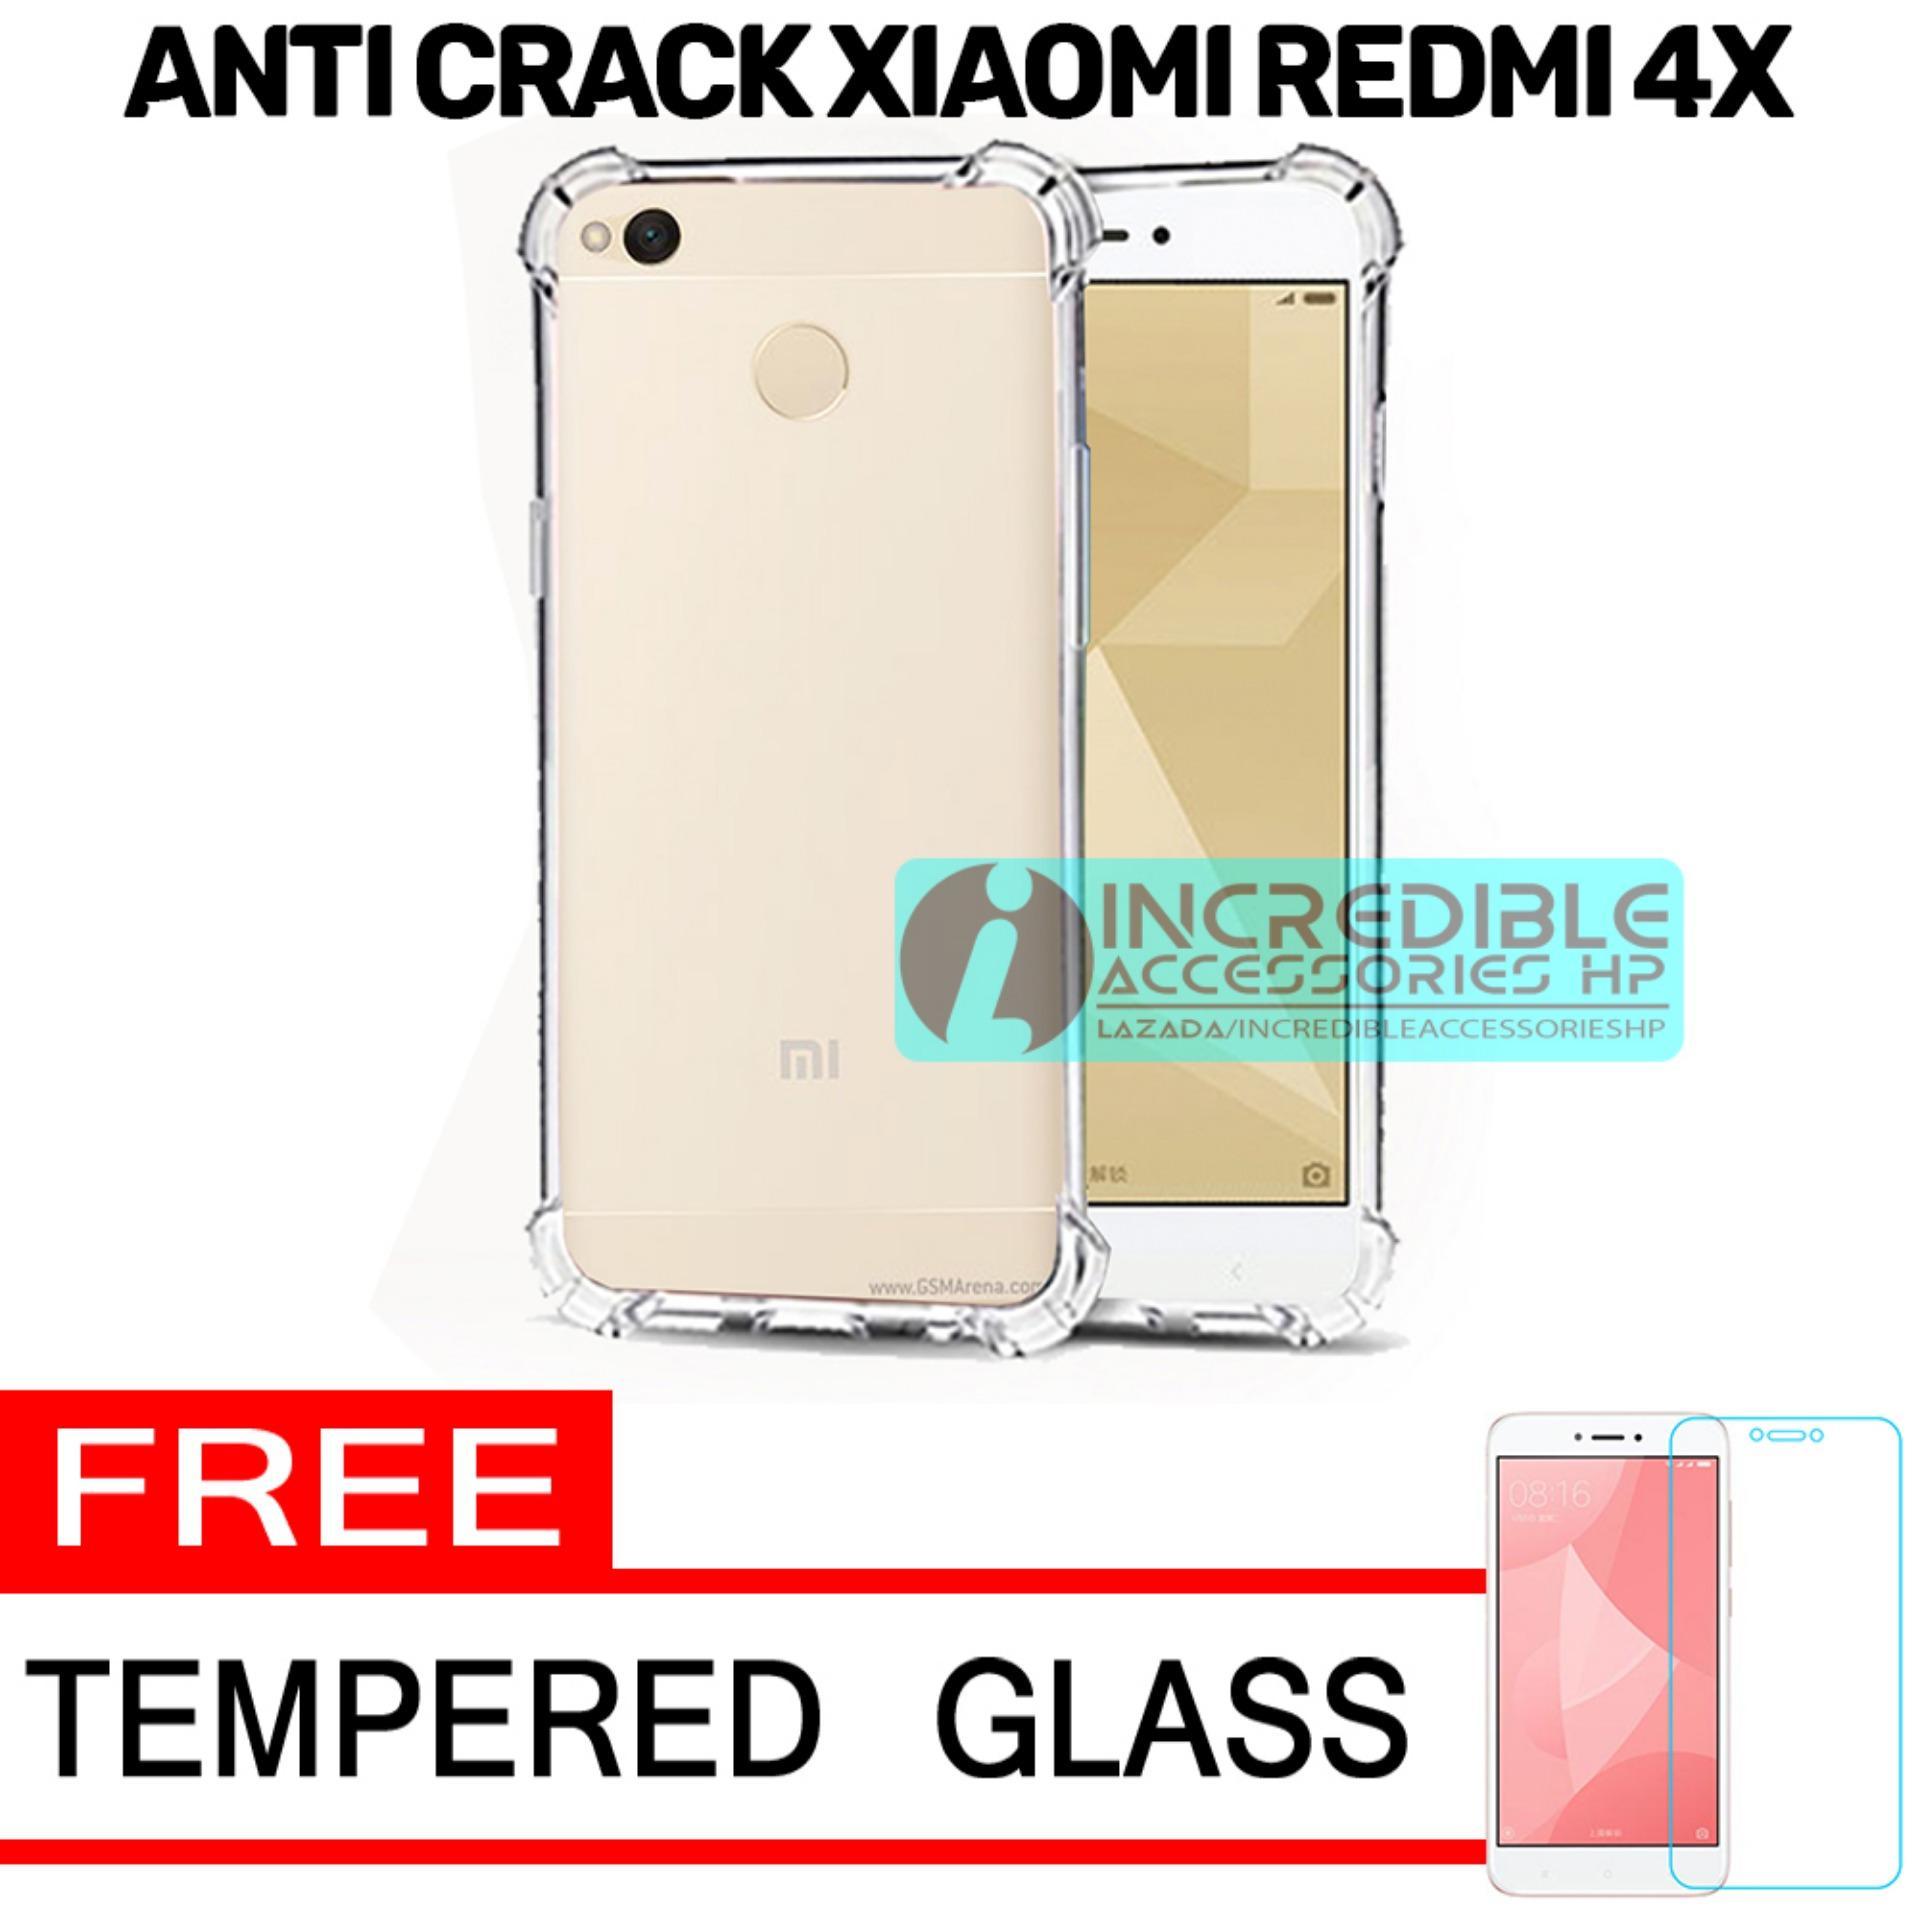 Softcase Silicon Anti Shock / Anti Crack Elegant Softcase  for Xiaomi Redmi 4x - White Clear + Free Tempered Glass